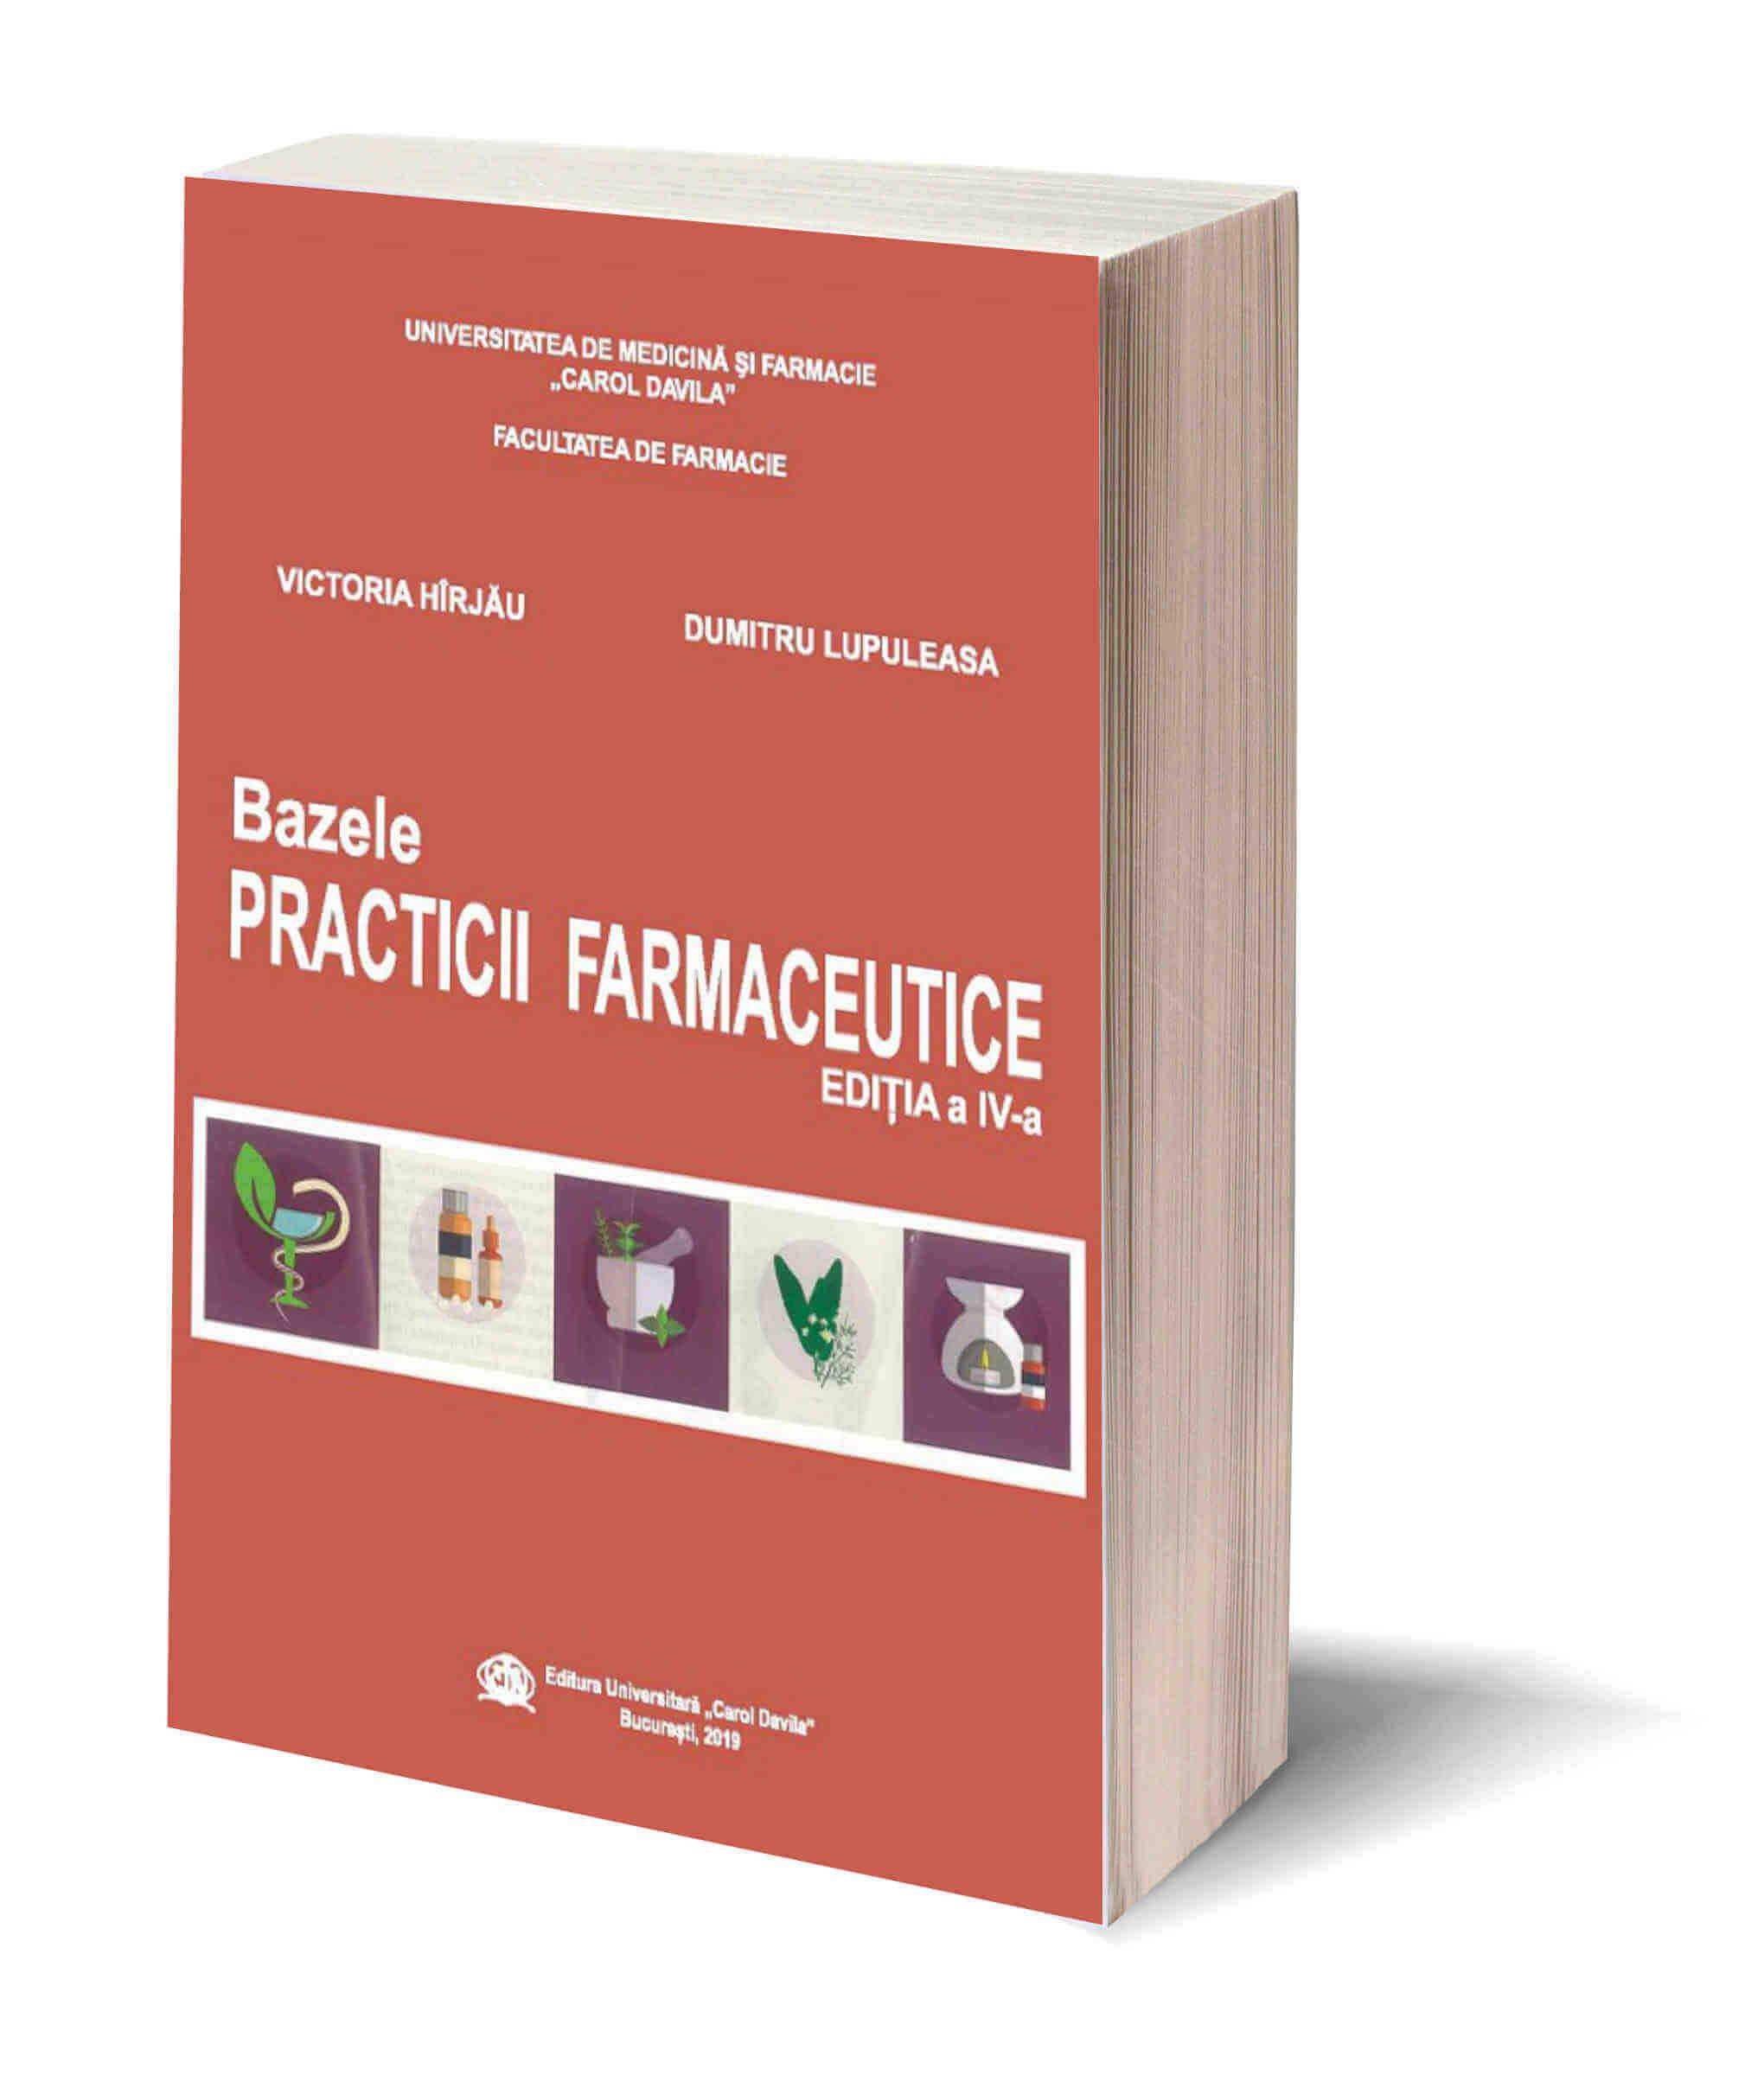 Bazele practicii farmaceutice editia a IV-a